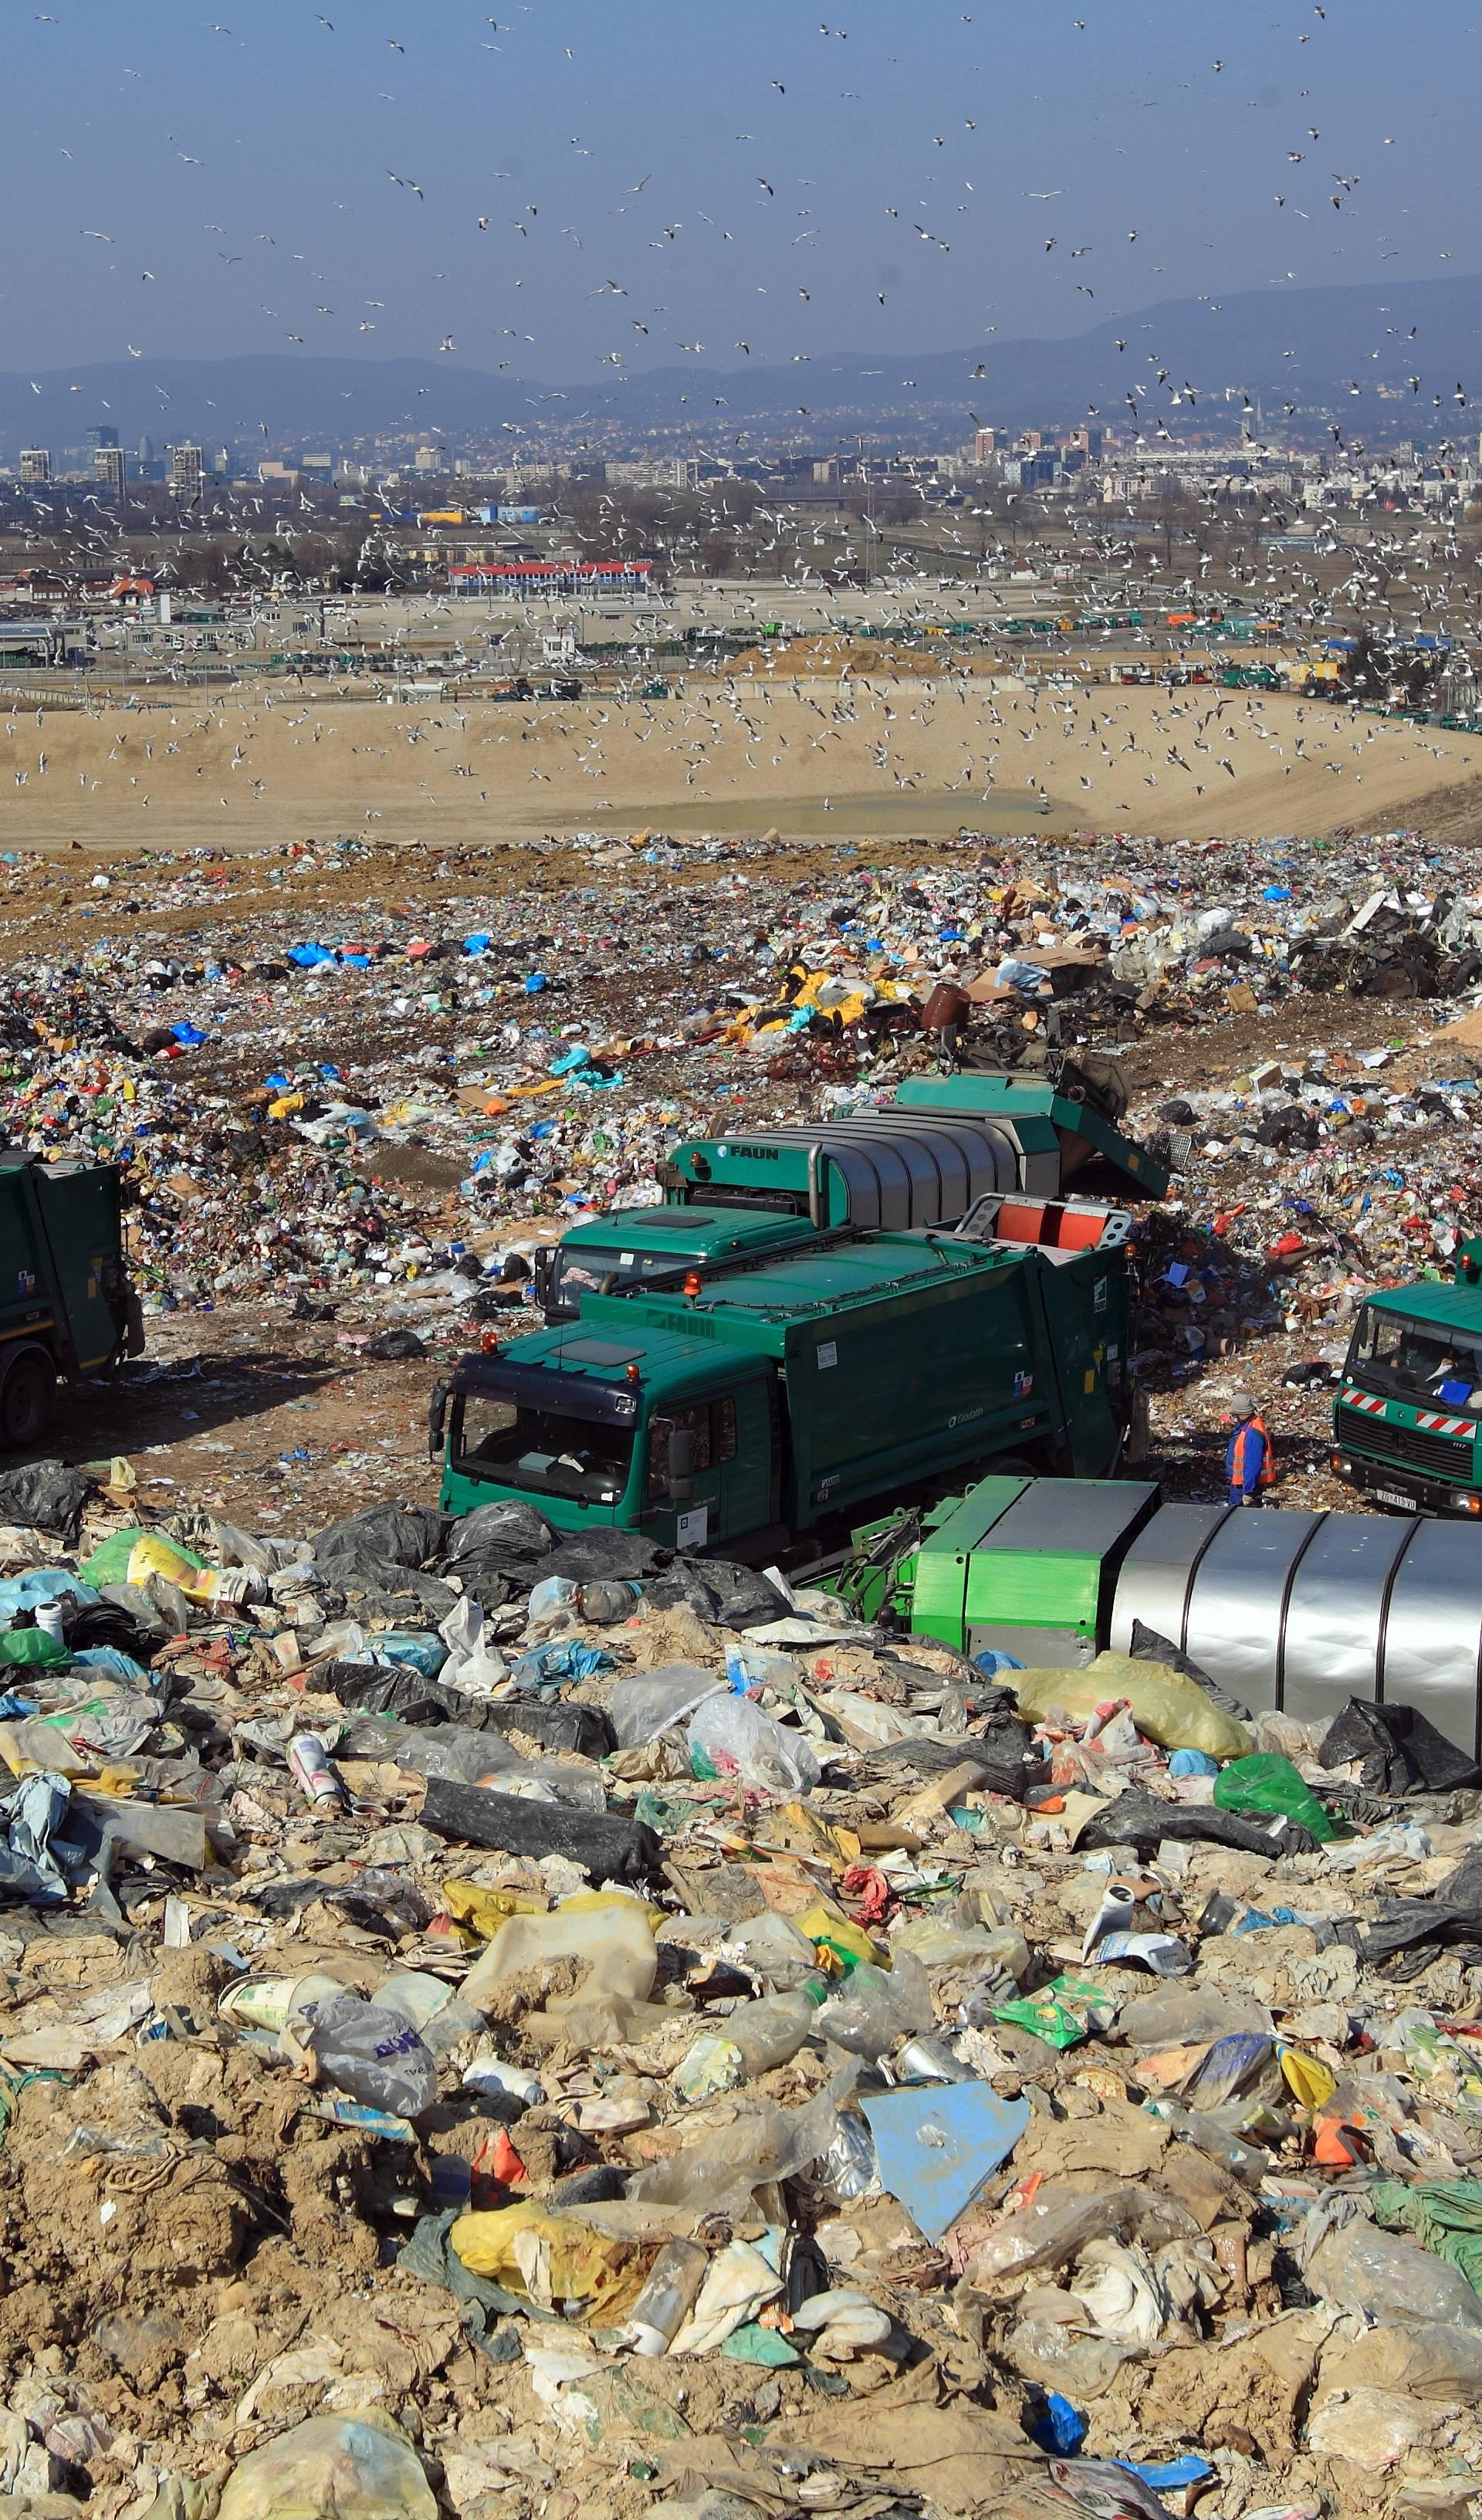 'Naplata smeća je nezakonita. Bandiću, prestani nas pljačkati'